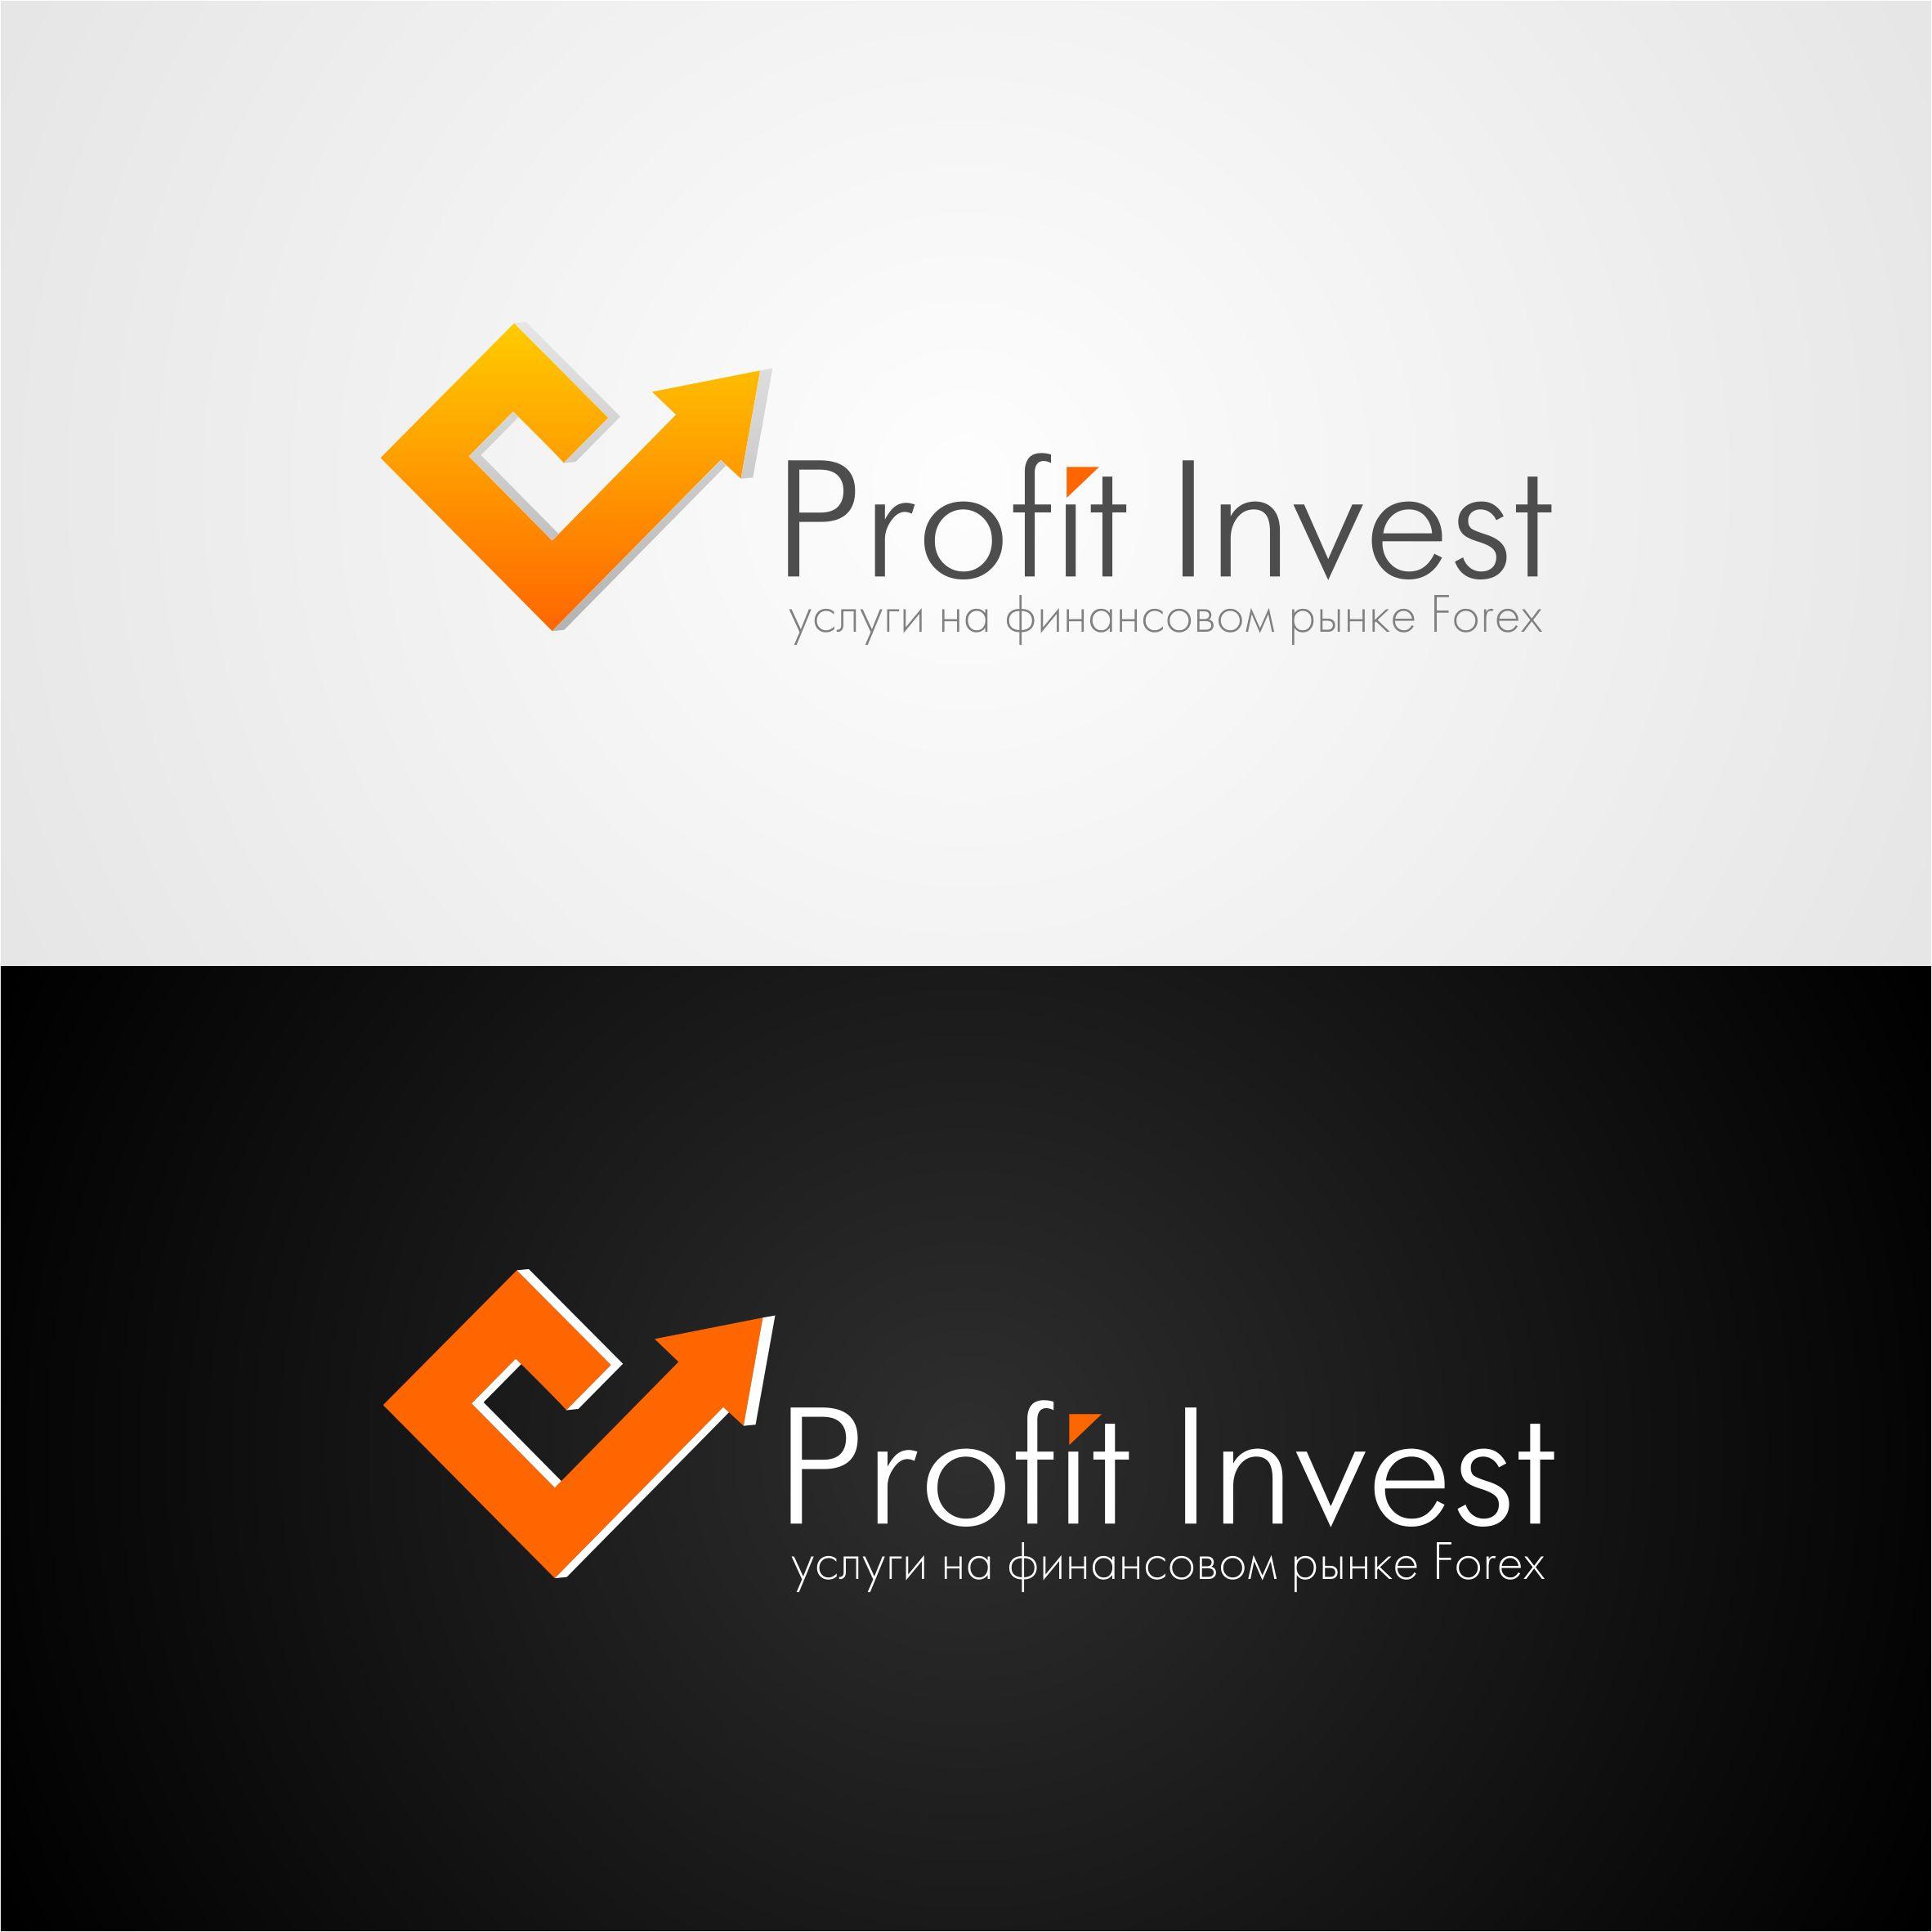 Разработка логотипа для брокерской компании фото f_4f153573372a2.jpg